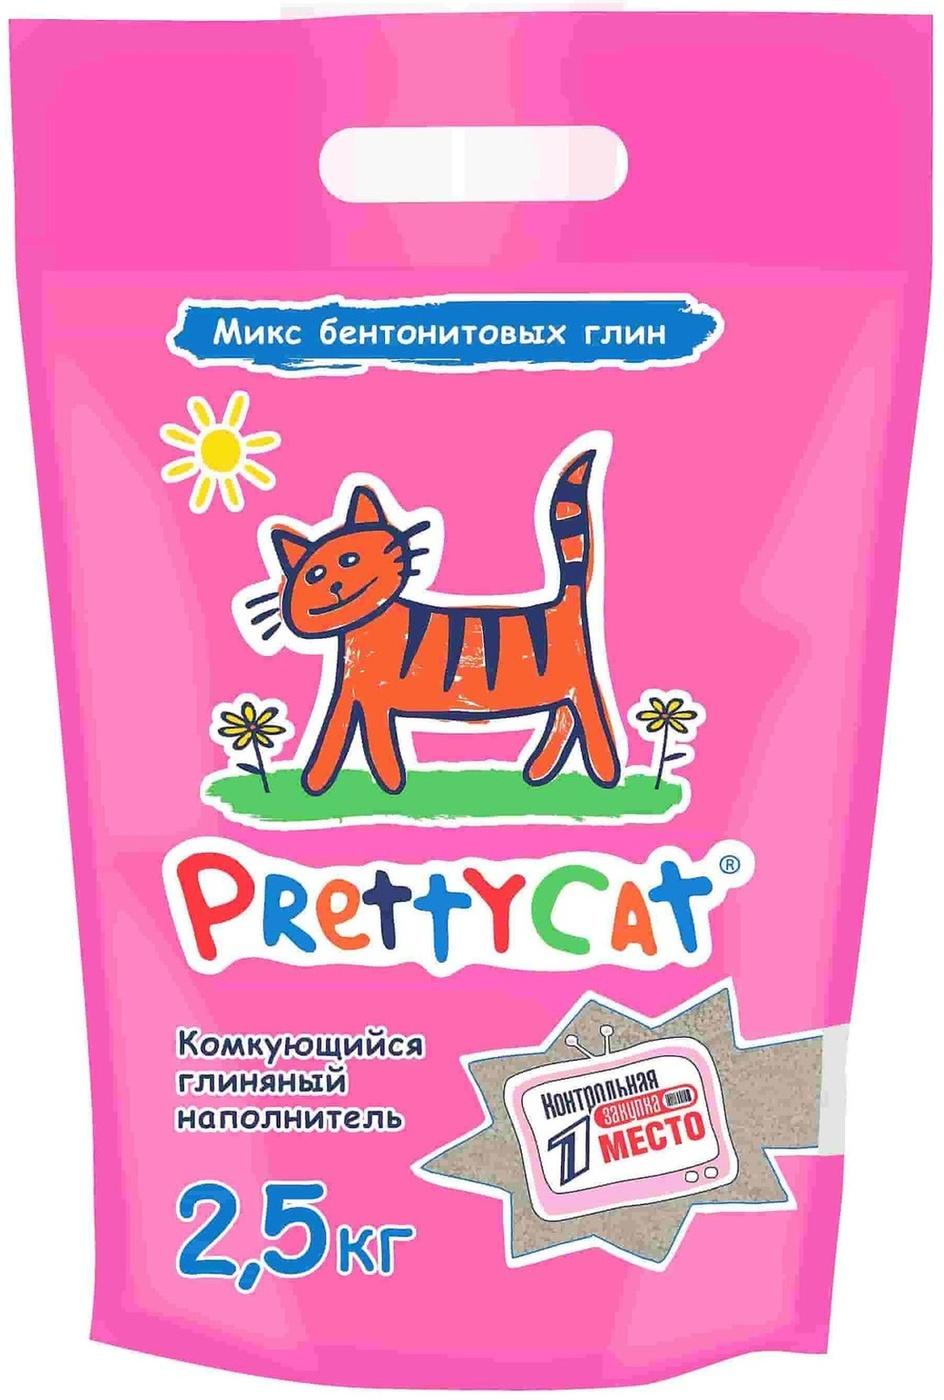 PrettyCat Euro Mix комкующийся наполнитель для кошачьих туалетов 2,5 кг